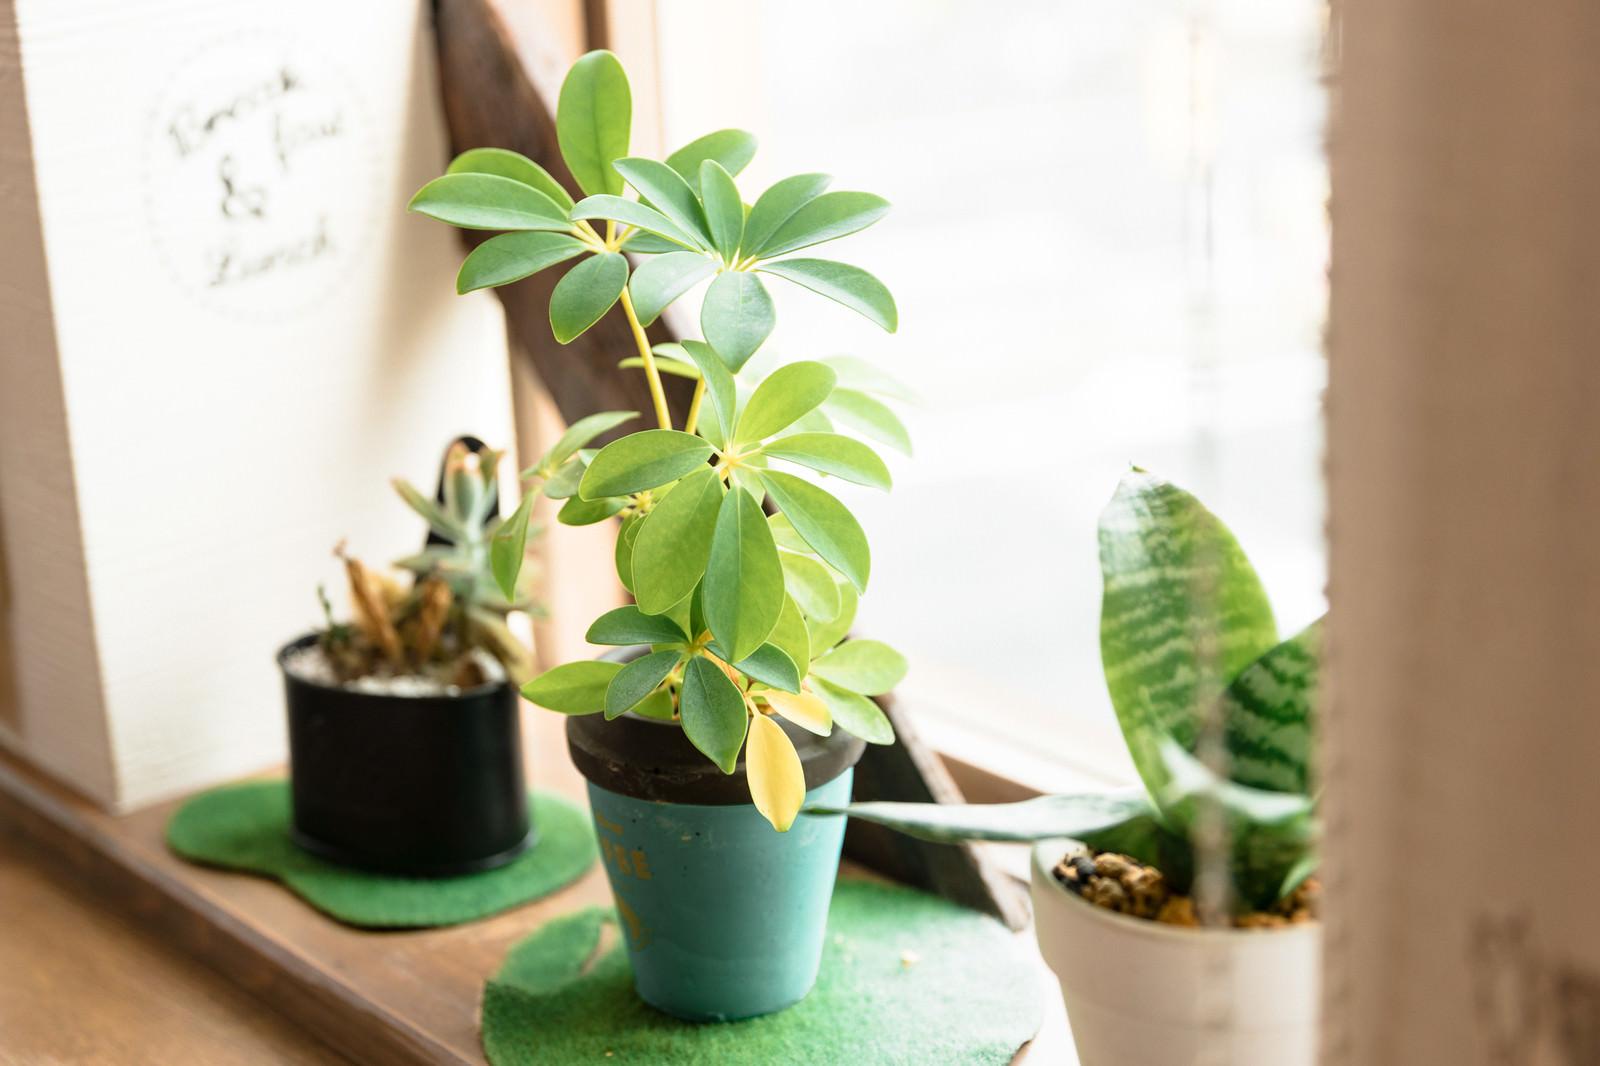 「カフェの窓辺の観葉植物」の写真